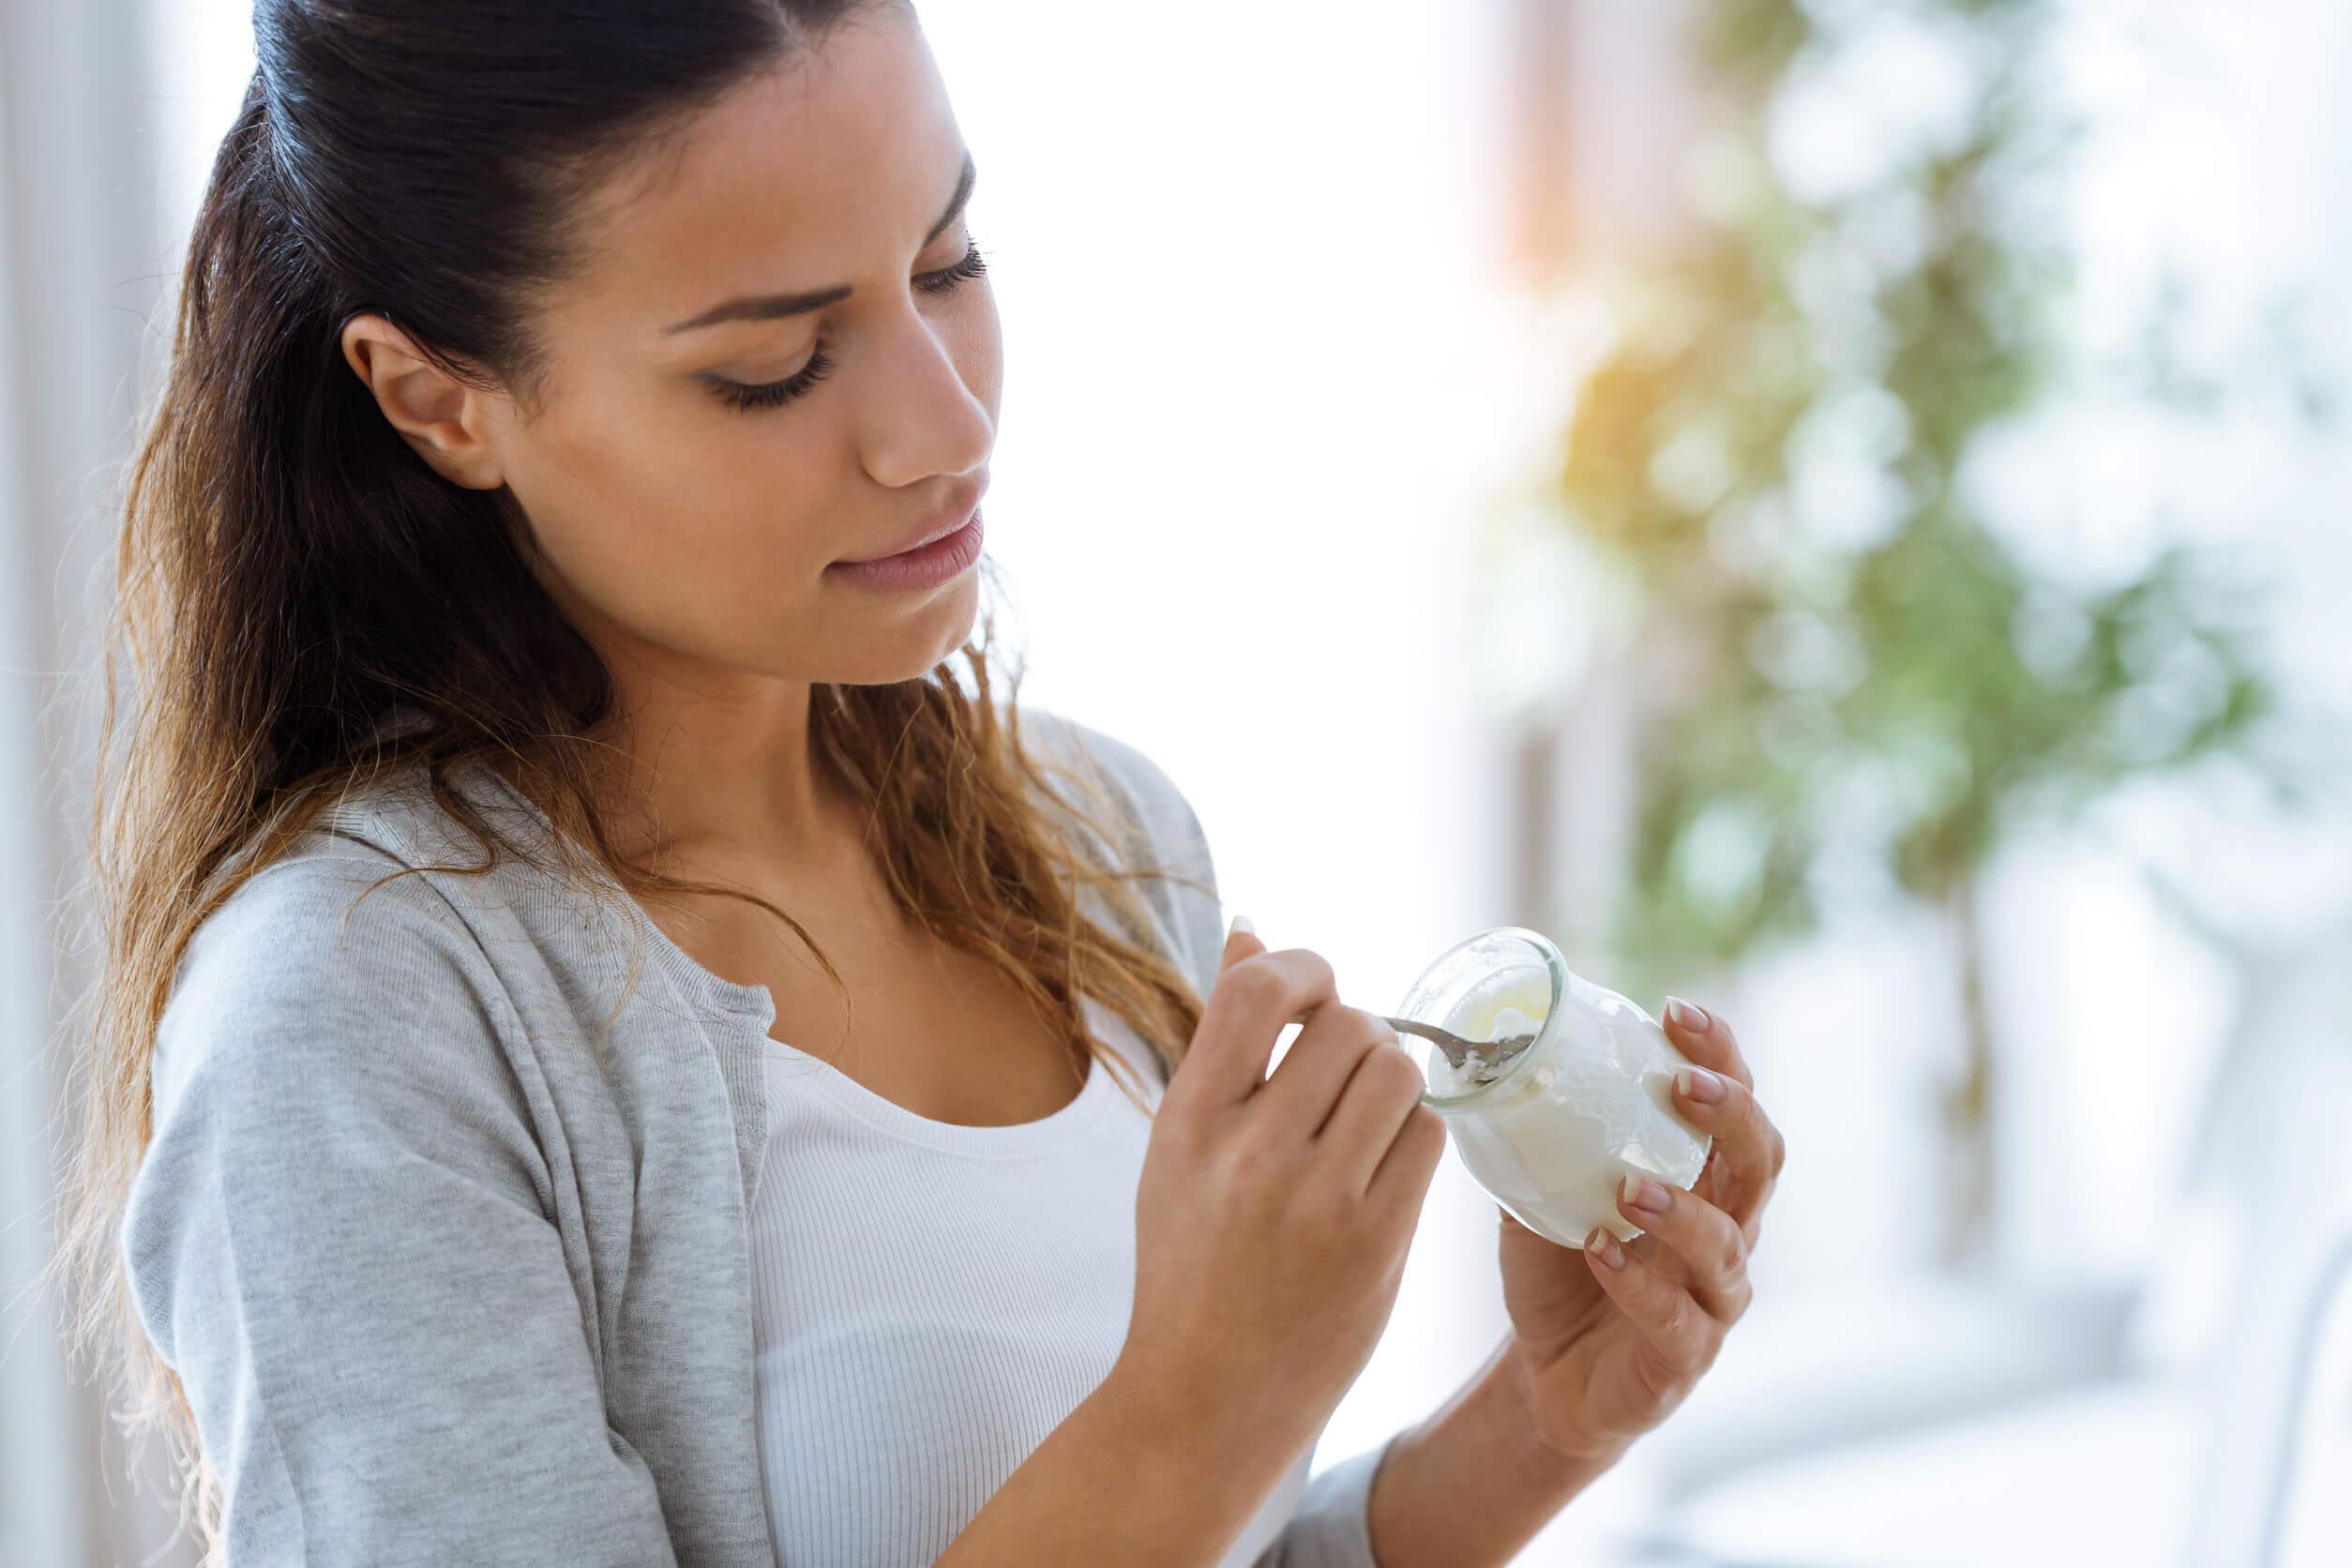 El mindful eating implica tomar consciencia de varios aspectos de la alimentación.